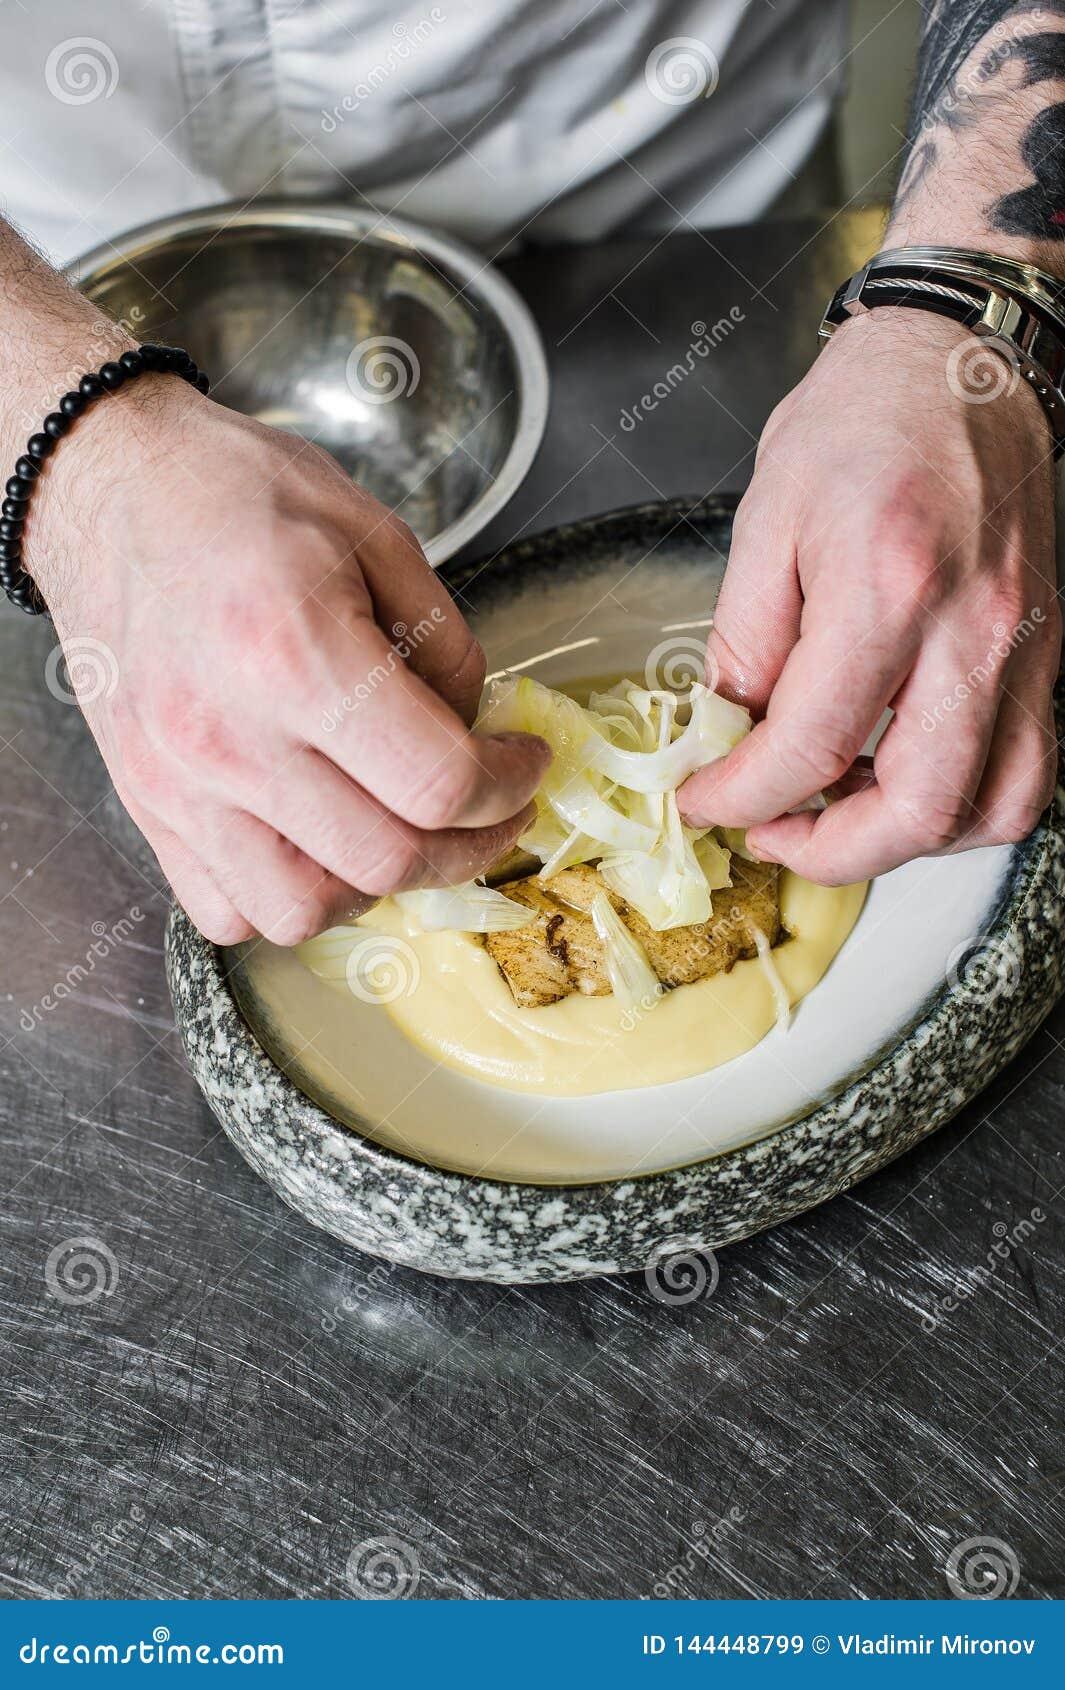 Ryssland St Petersburg, 03 17 2019-Chef förbereder hälleflundra under selleri i restaurangköket